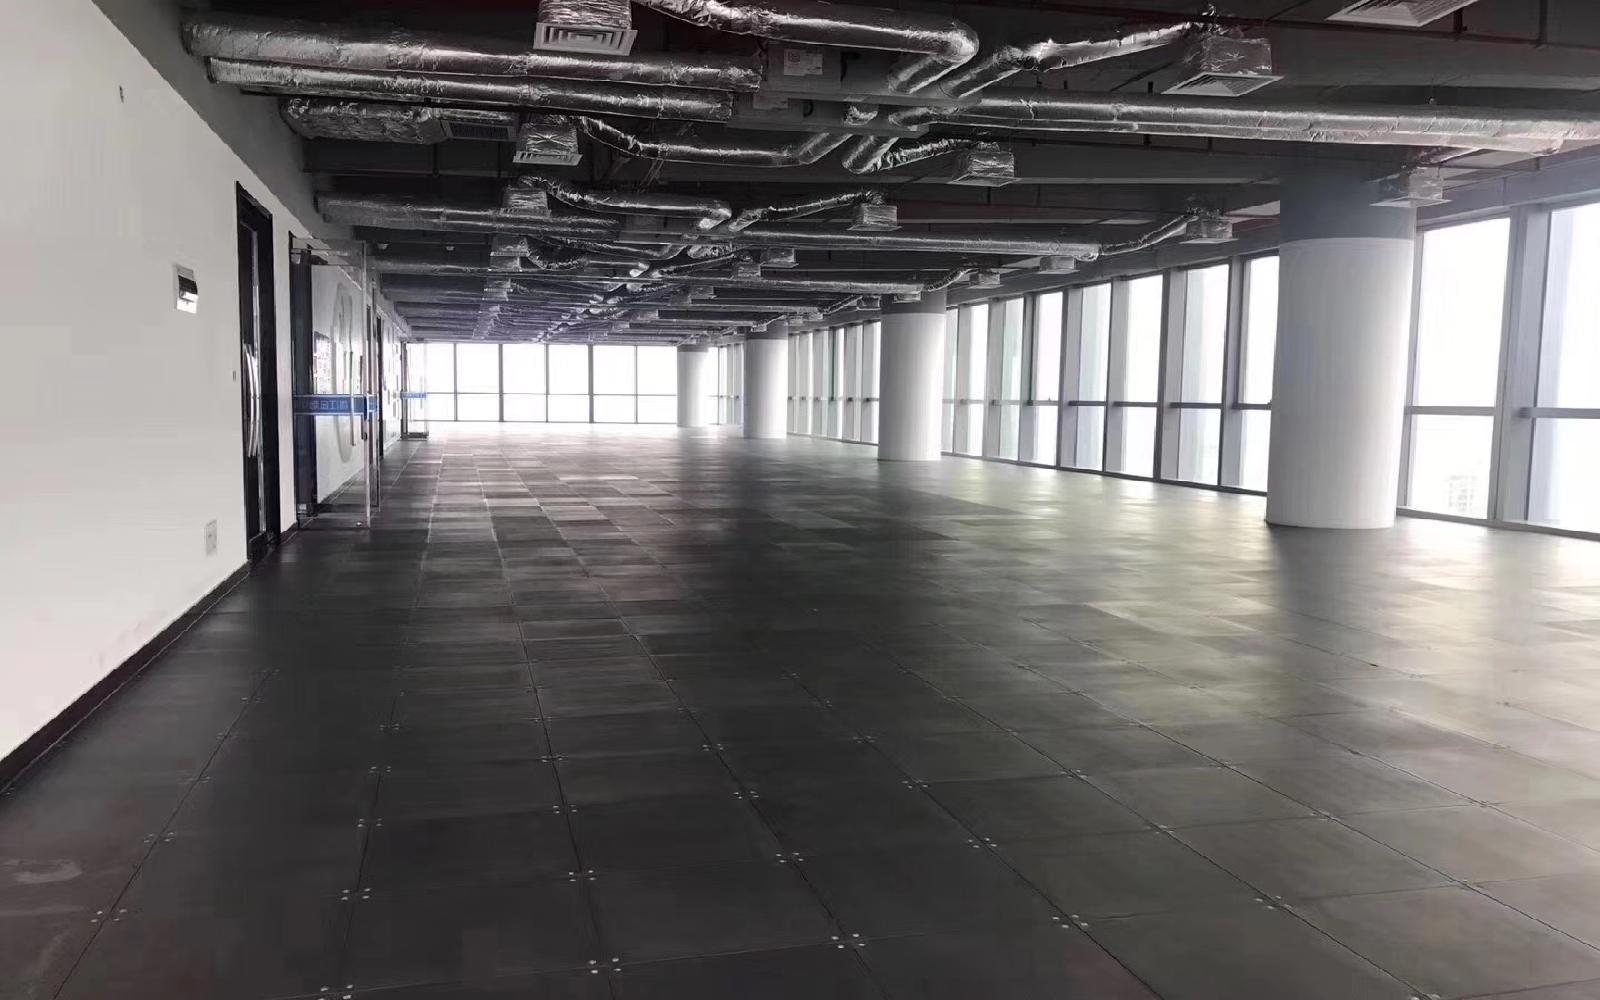 南山-前海 香繽金融中心 428m2